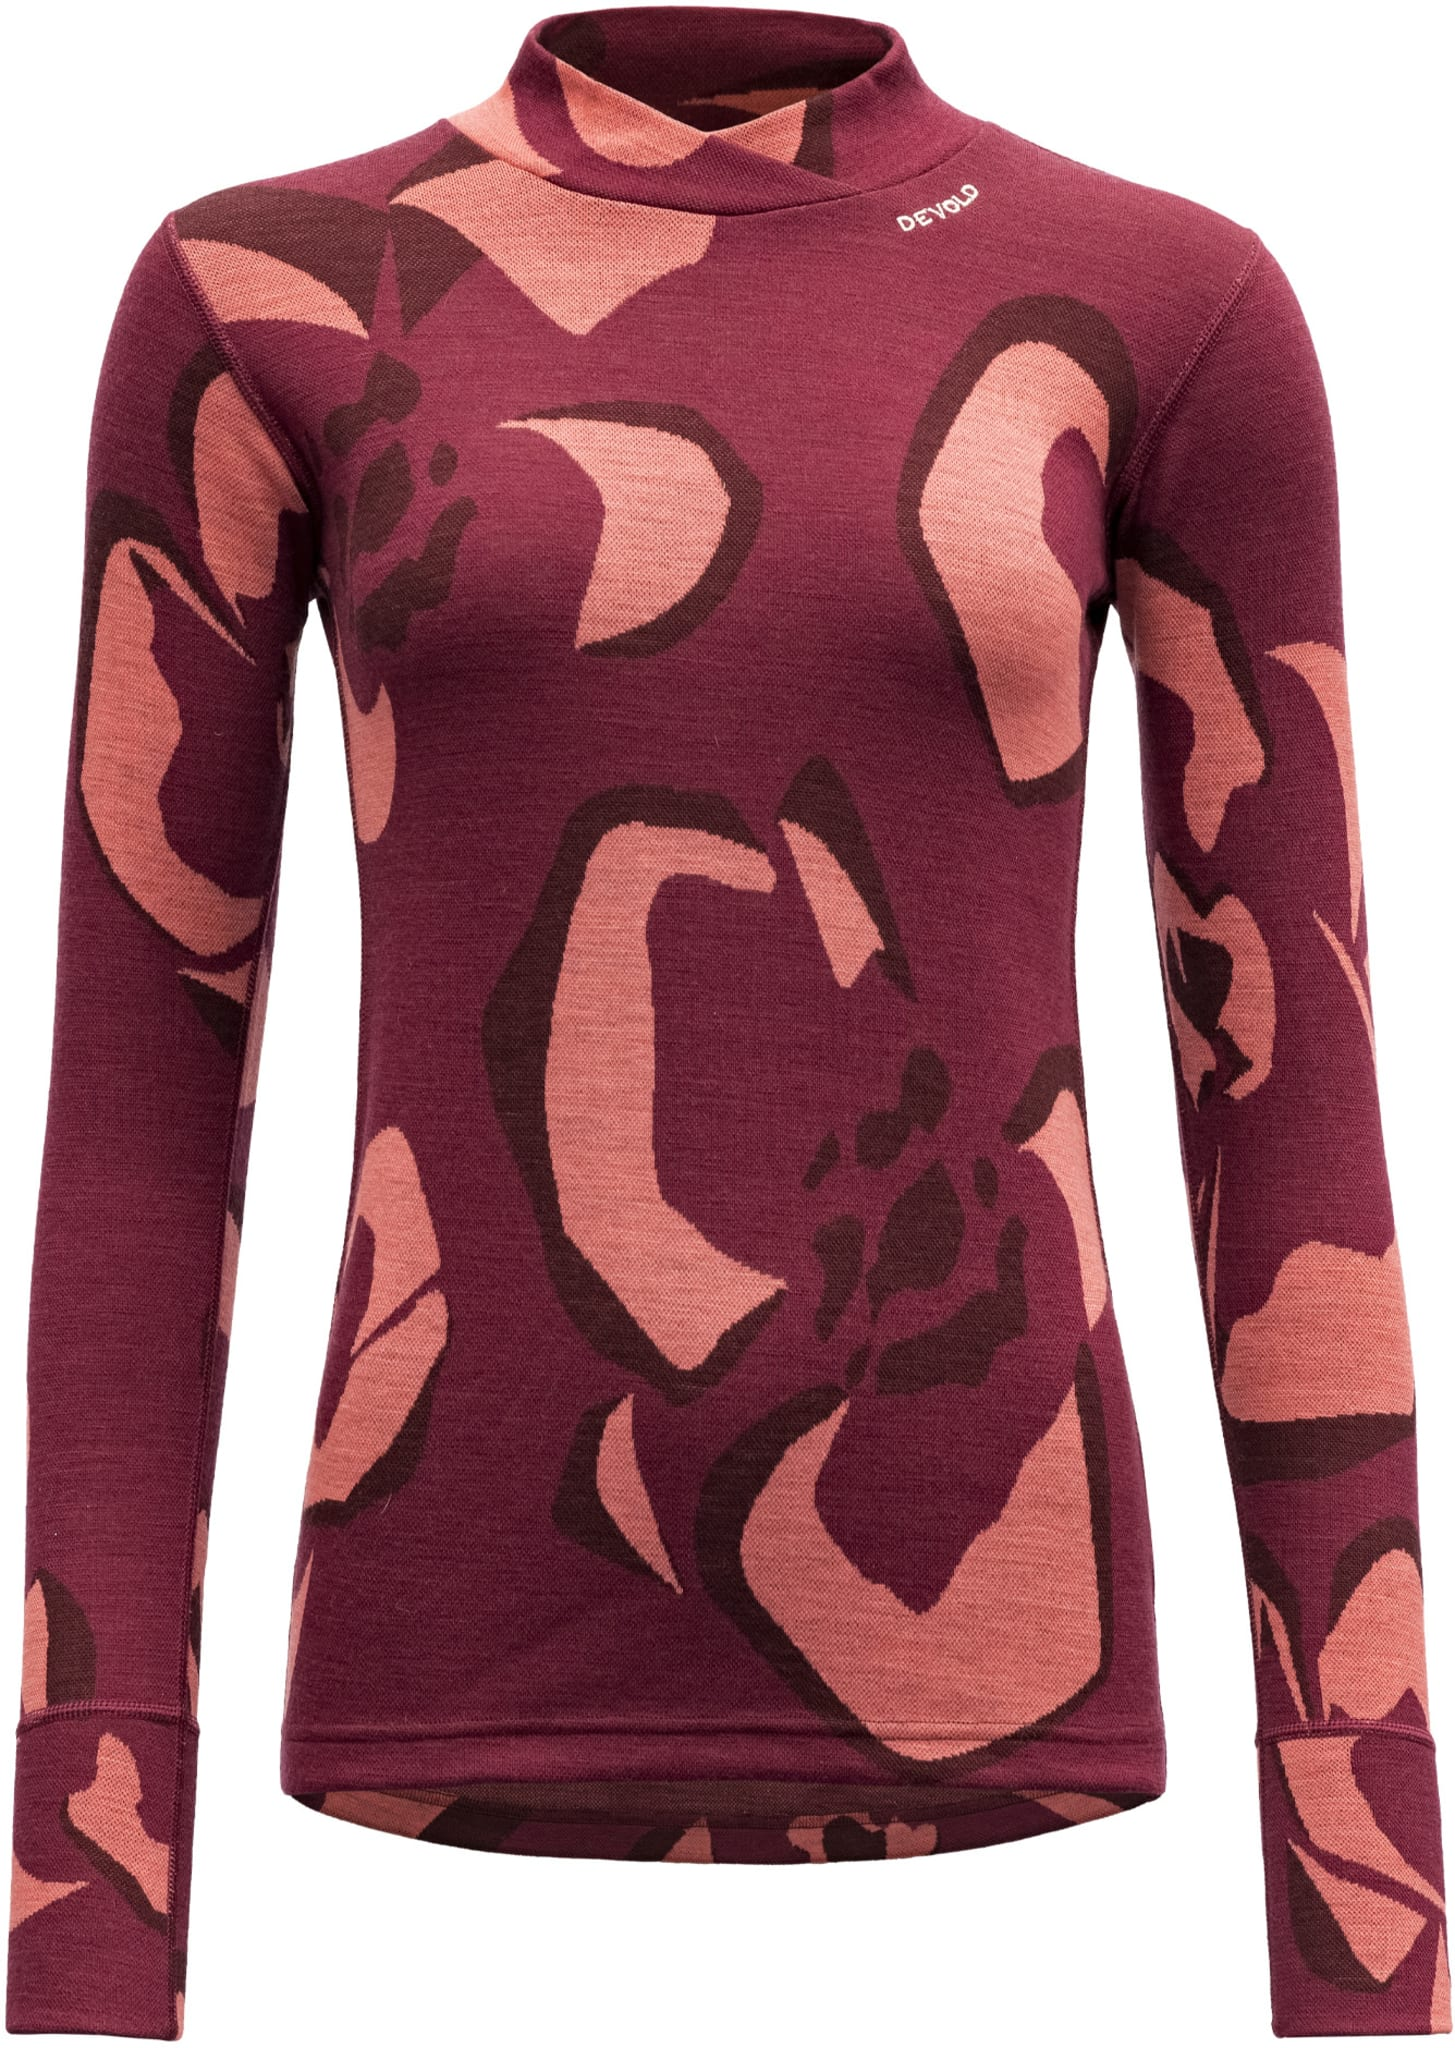 Camo Flower Woman Shirt